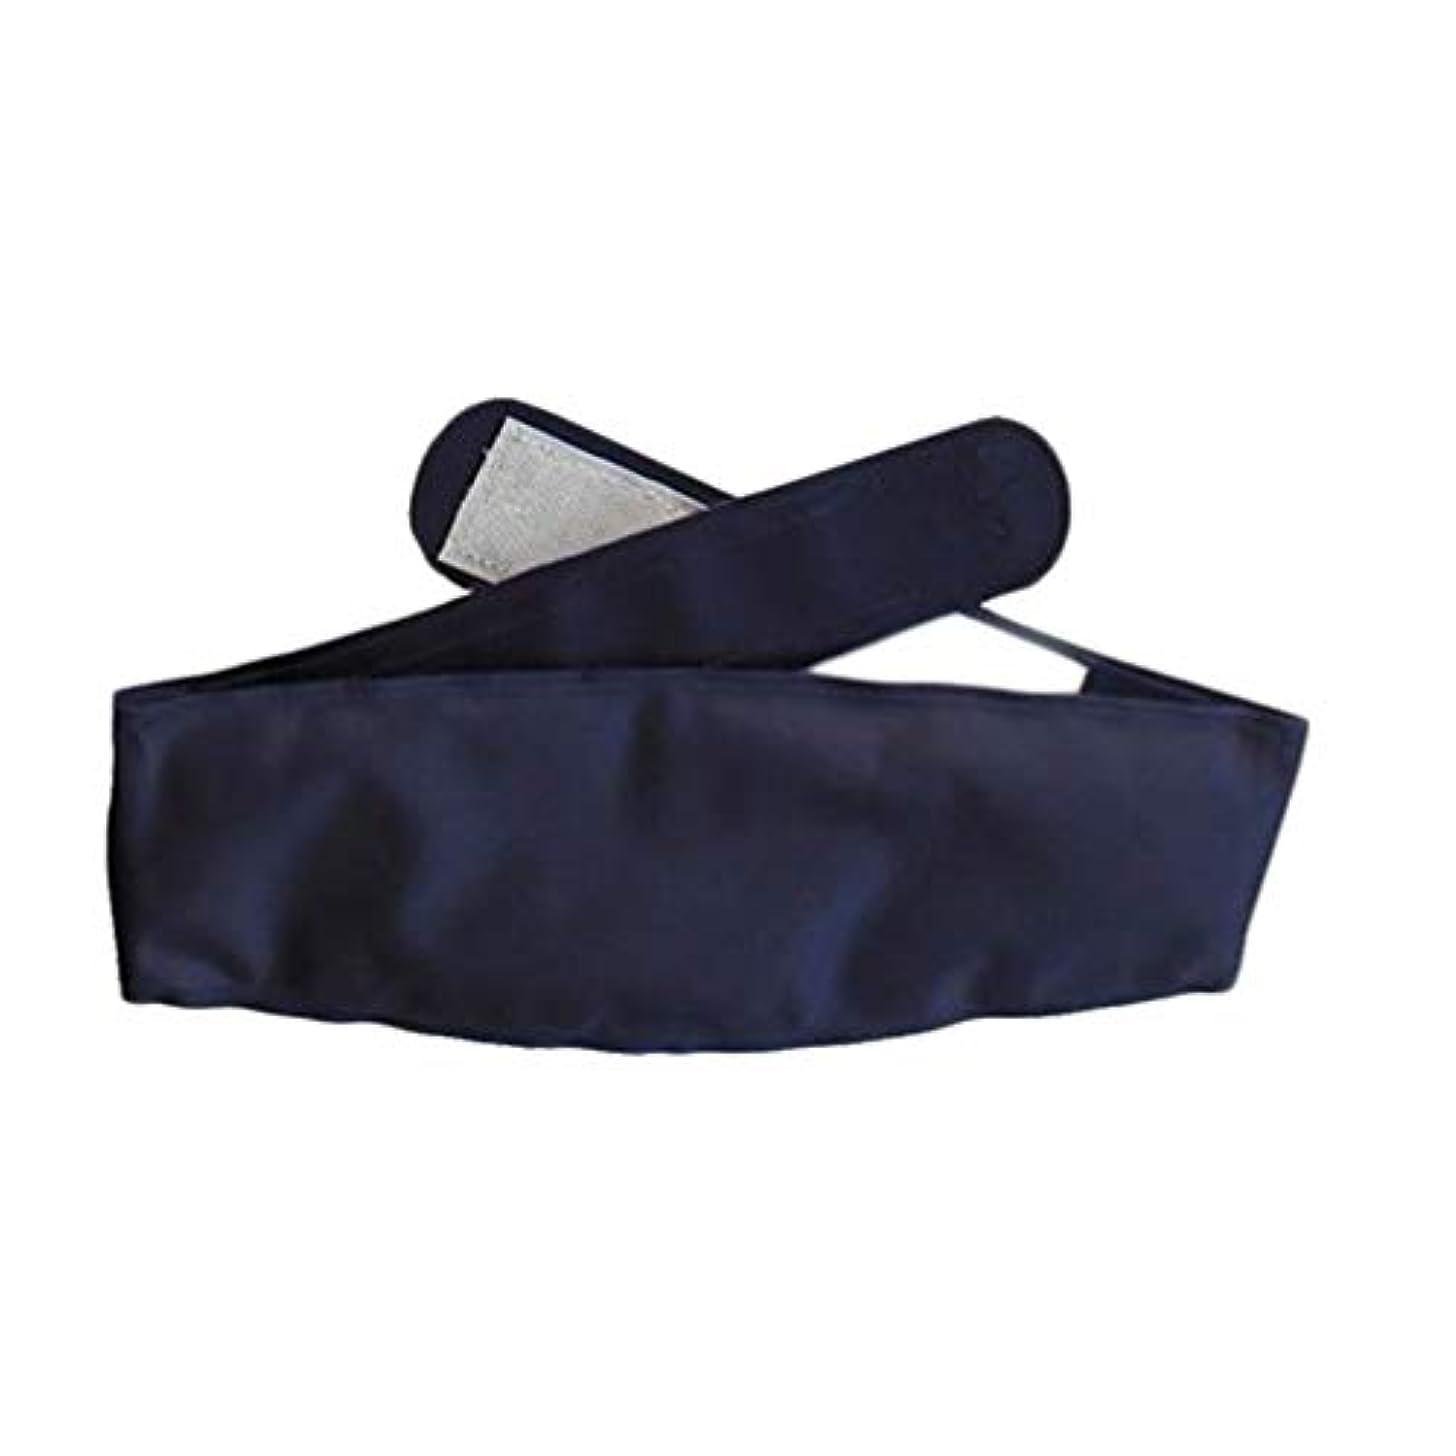 作り寝具疑わしいSUPVOX ウェアラブルアイスパック頭痛アイスバッグラップショルダーバック膝の痛みを軽減